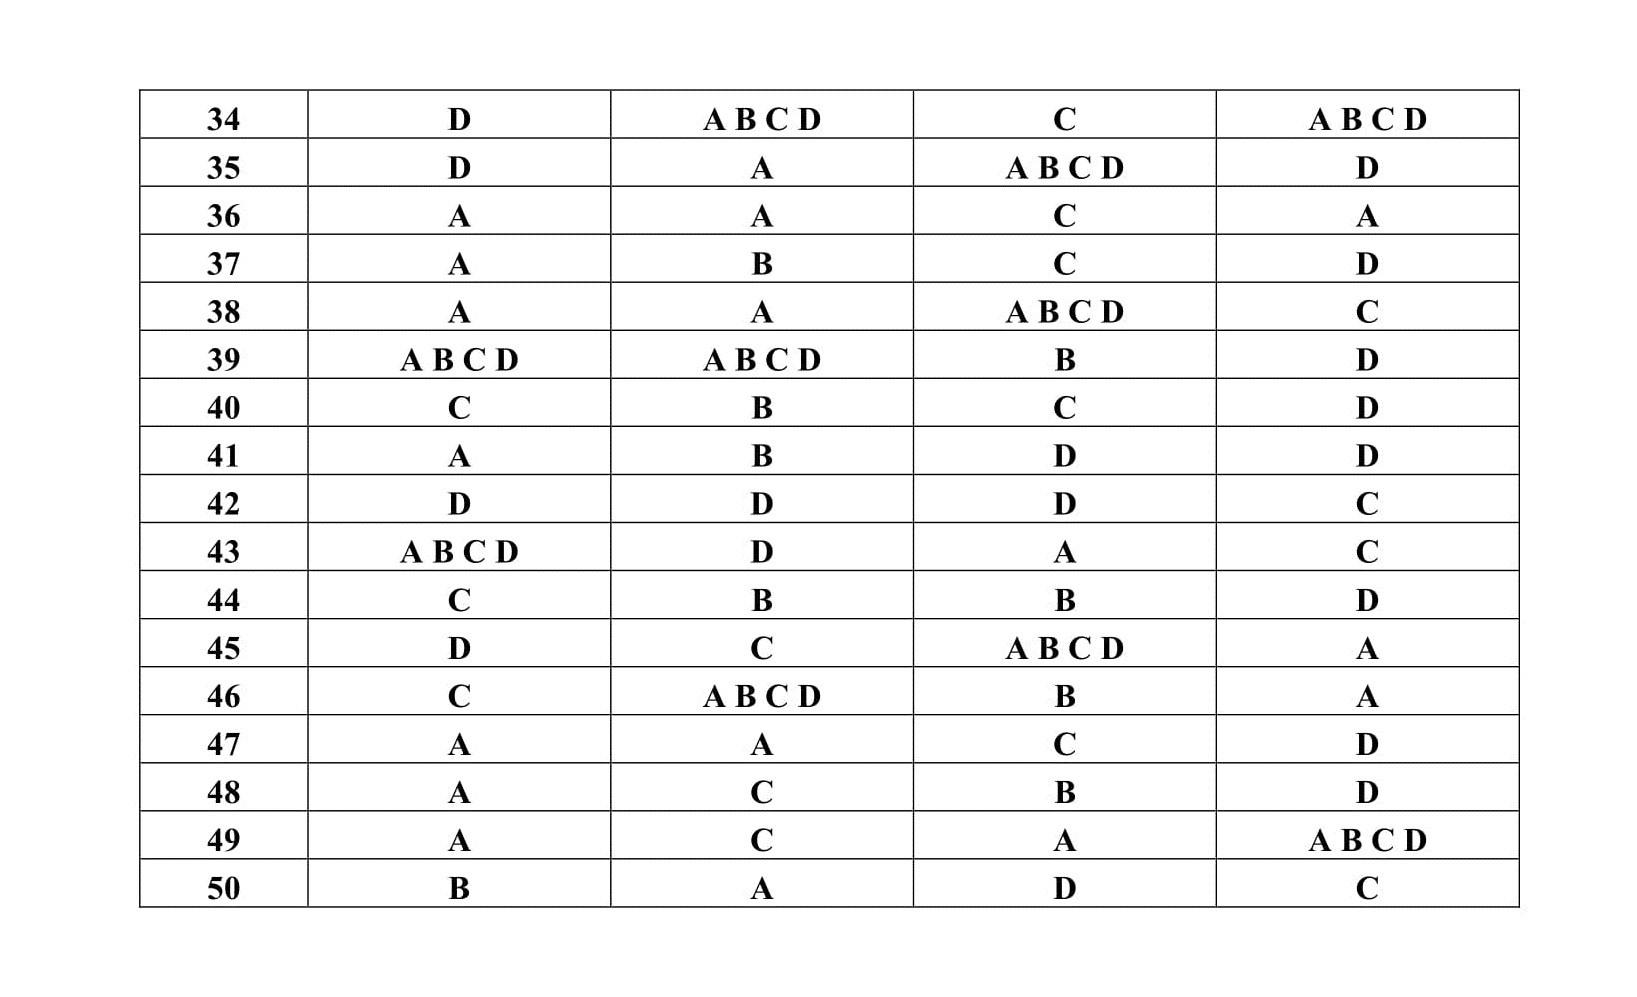 Đề thi thử THPT quốc gia 2019 môn Toán THPT Trần Đại Nghĩa có đáp án - Ảnh 8.